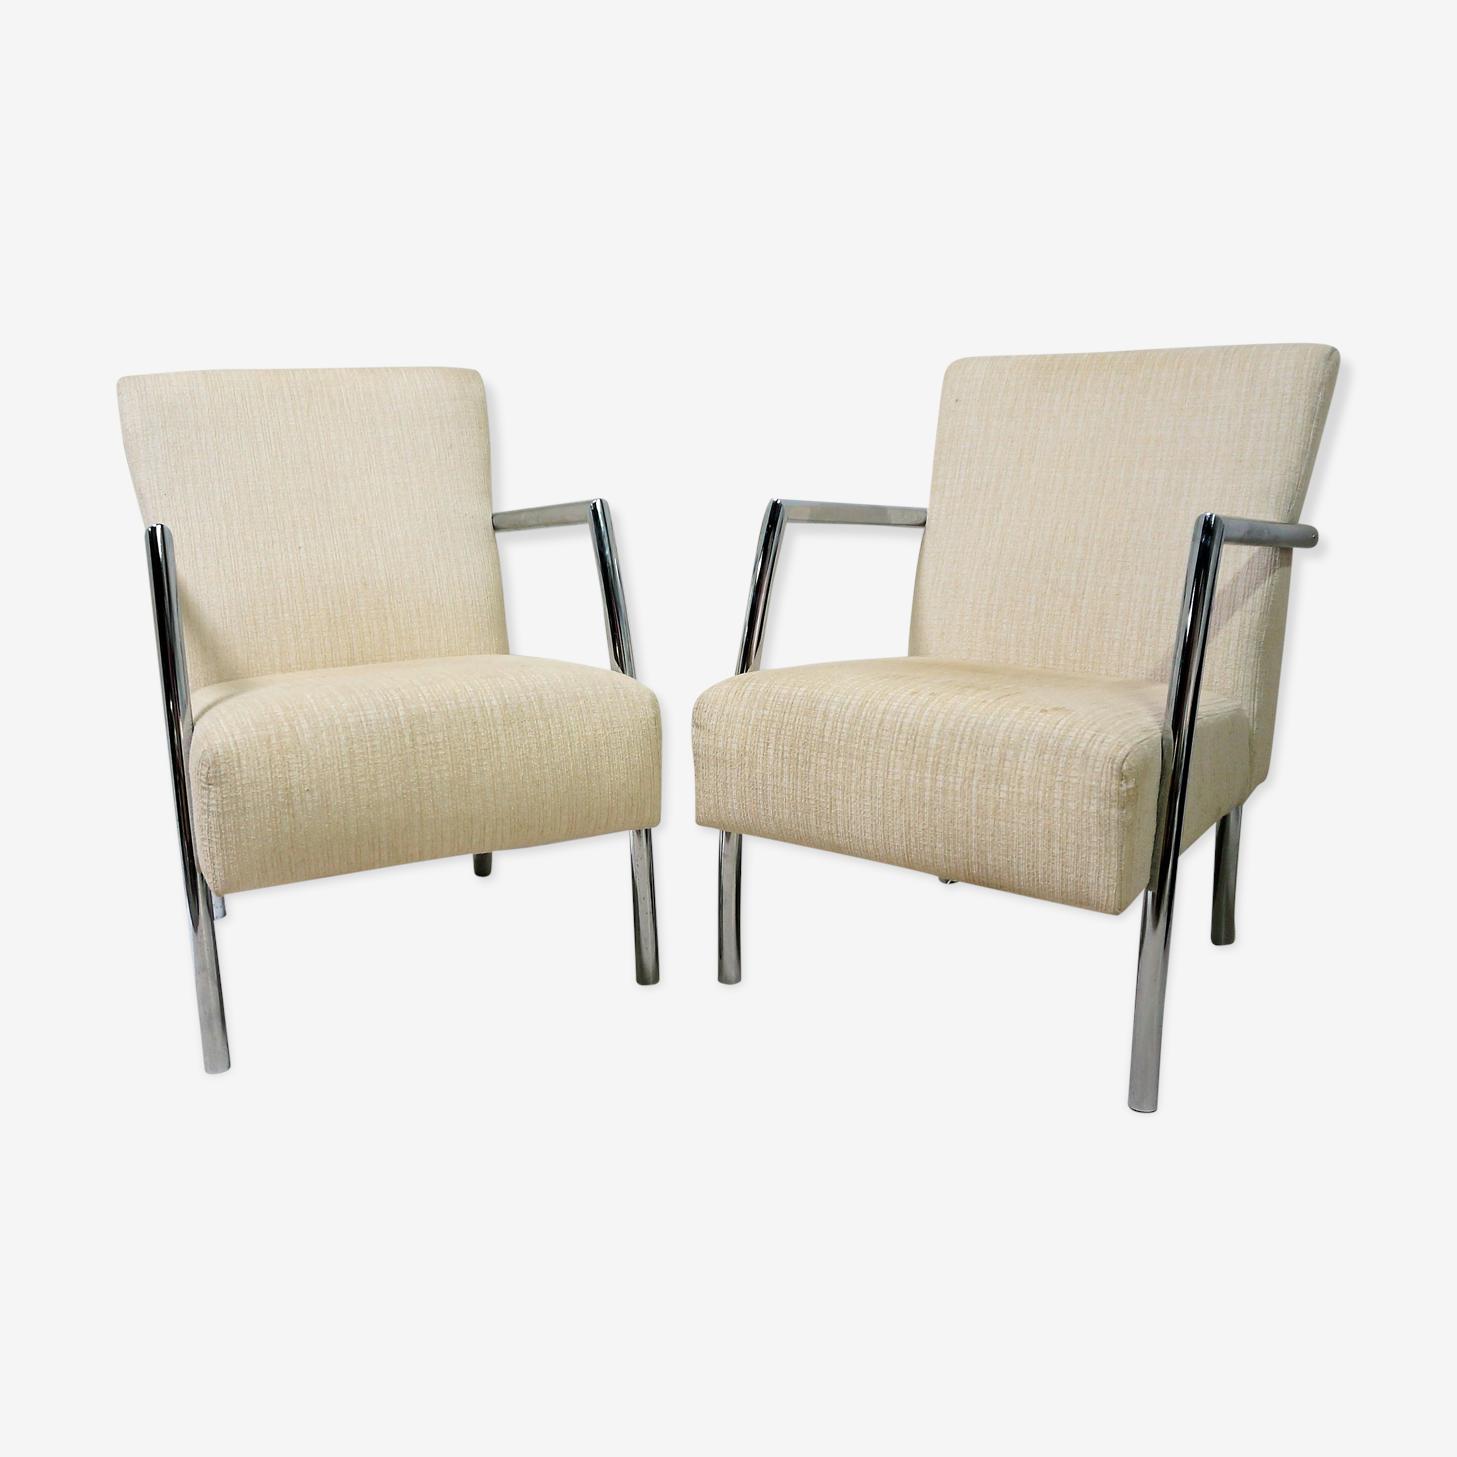 Paire de fauteuils scandinaves vintage